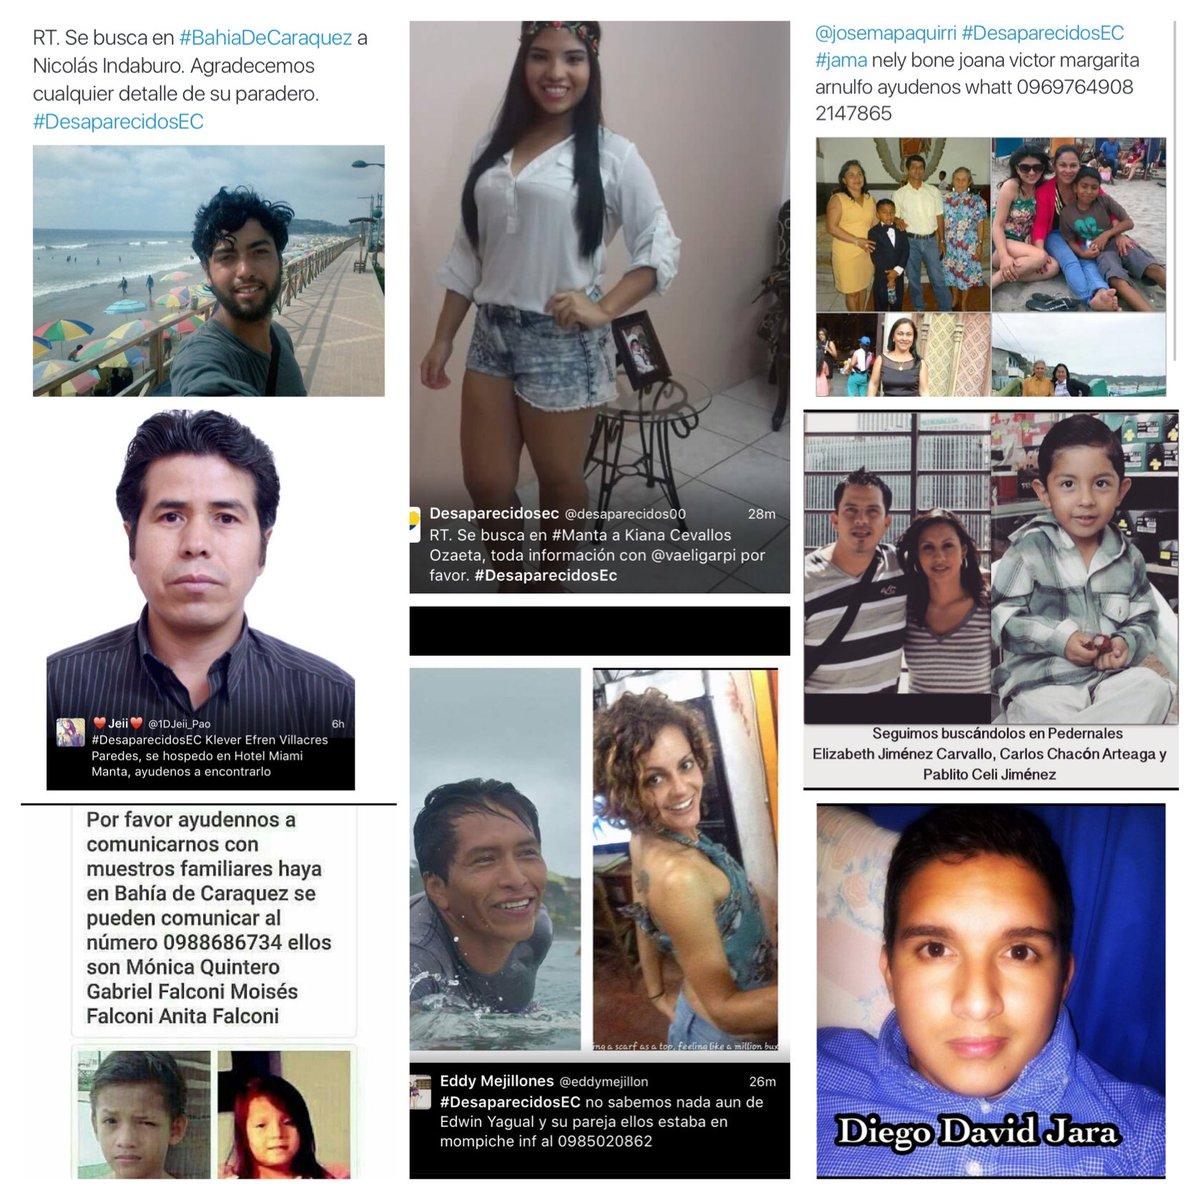 Seguimos buscándolos, cualquier información es valiosa para sus familias. #DesaparecidosEC